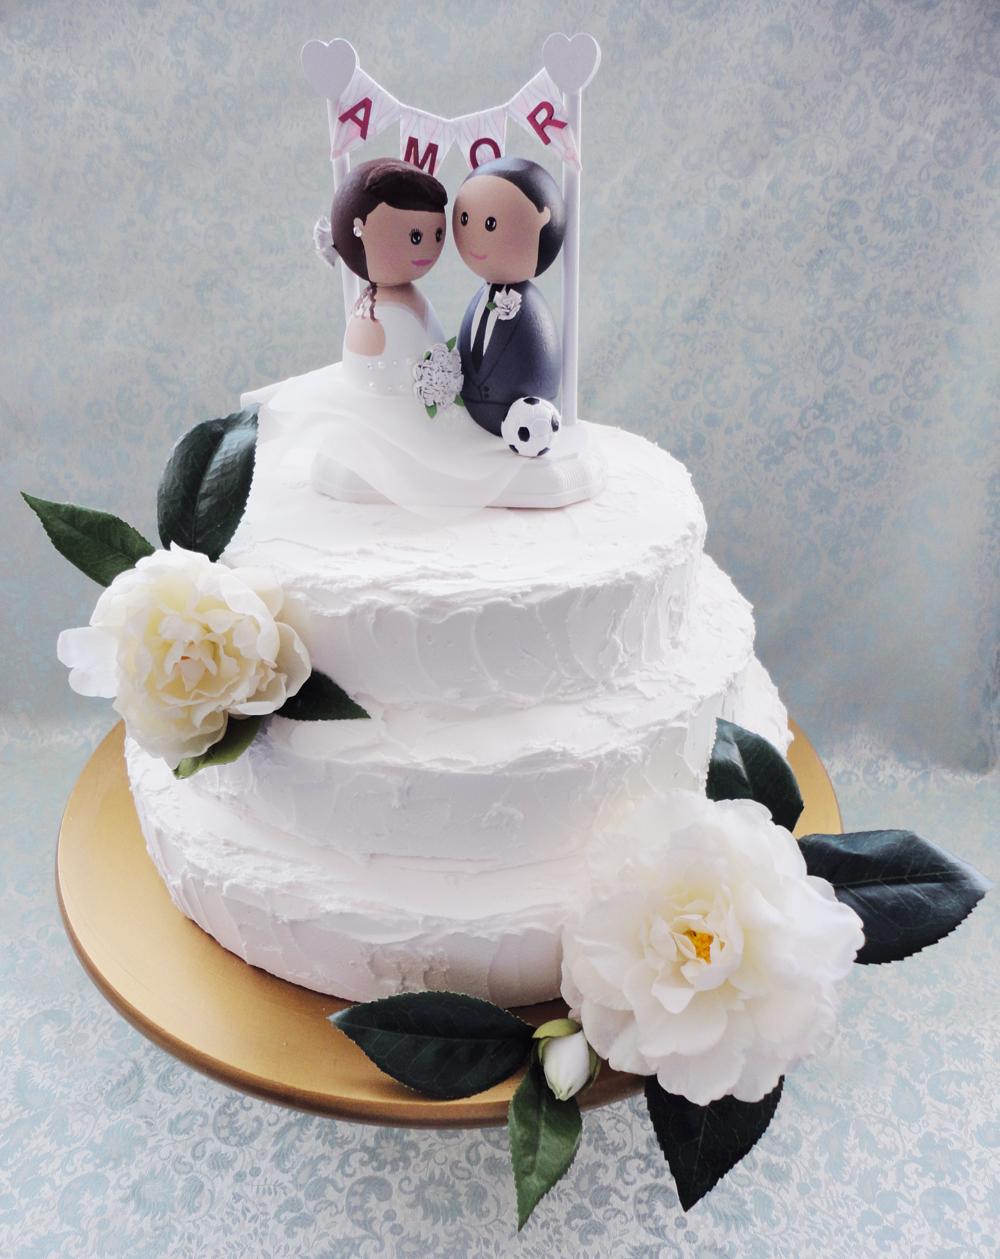 Soccer Player Wedding Cake Topper